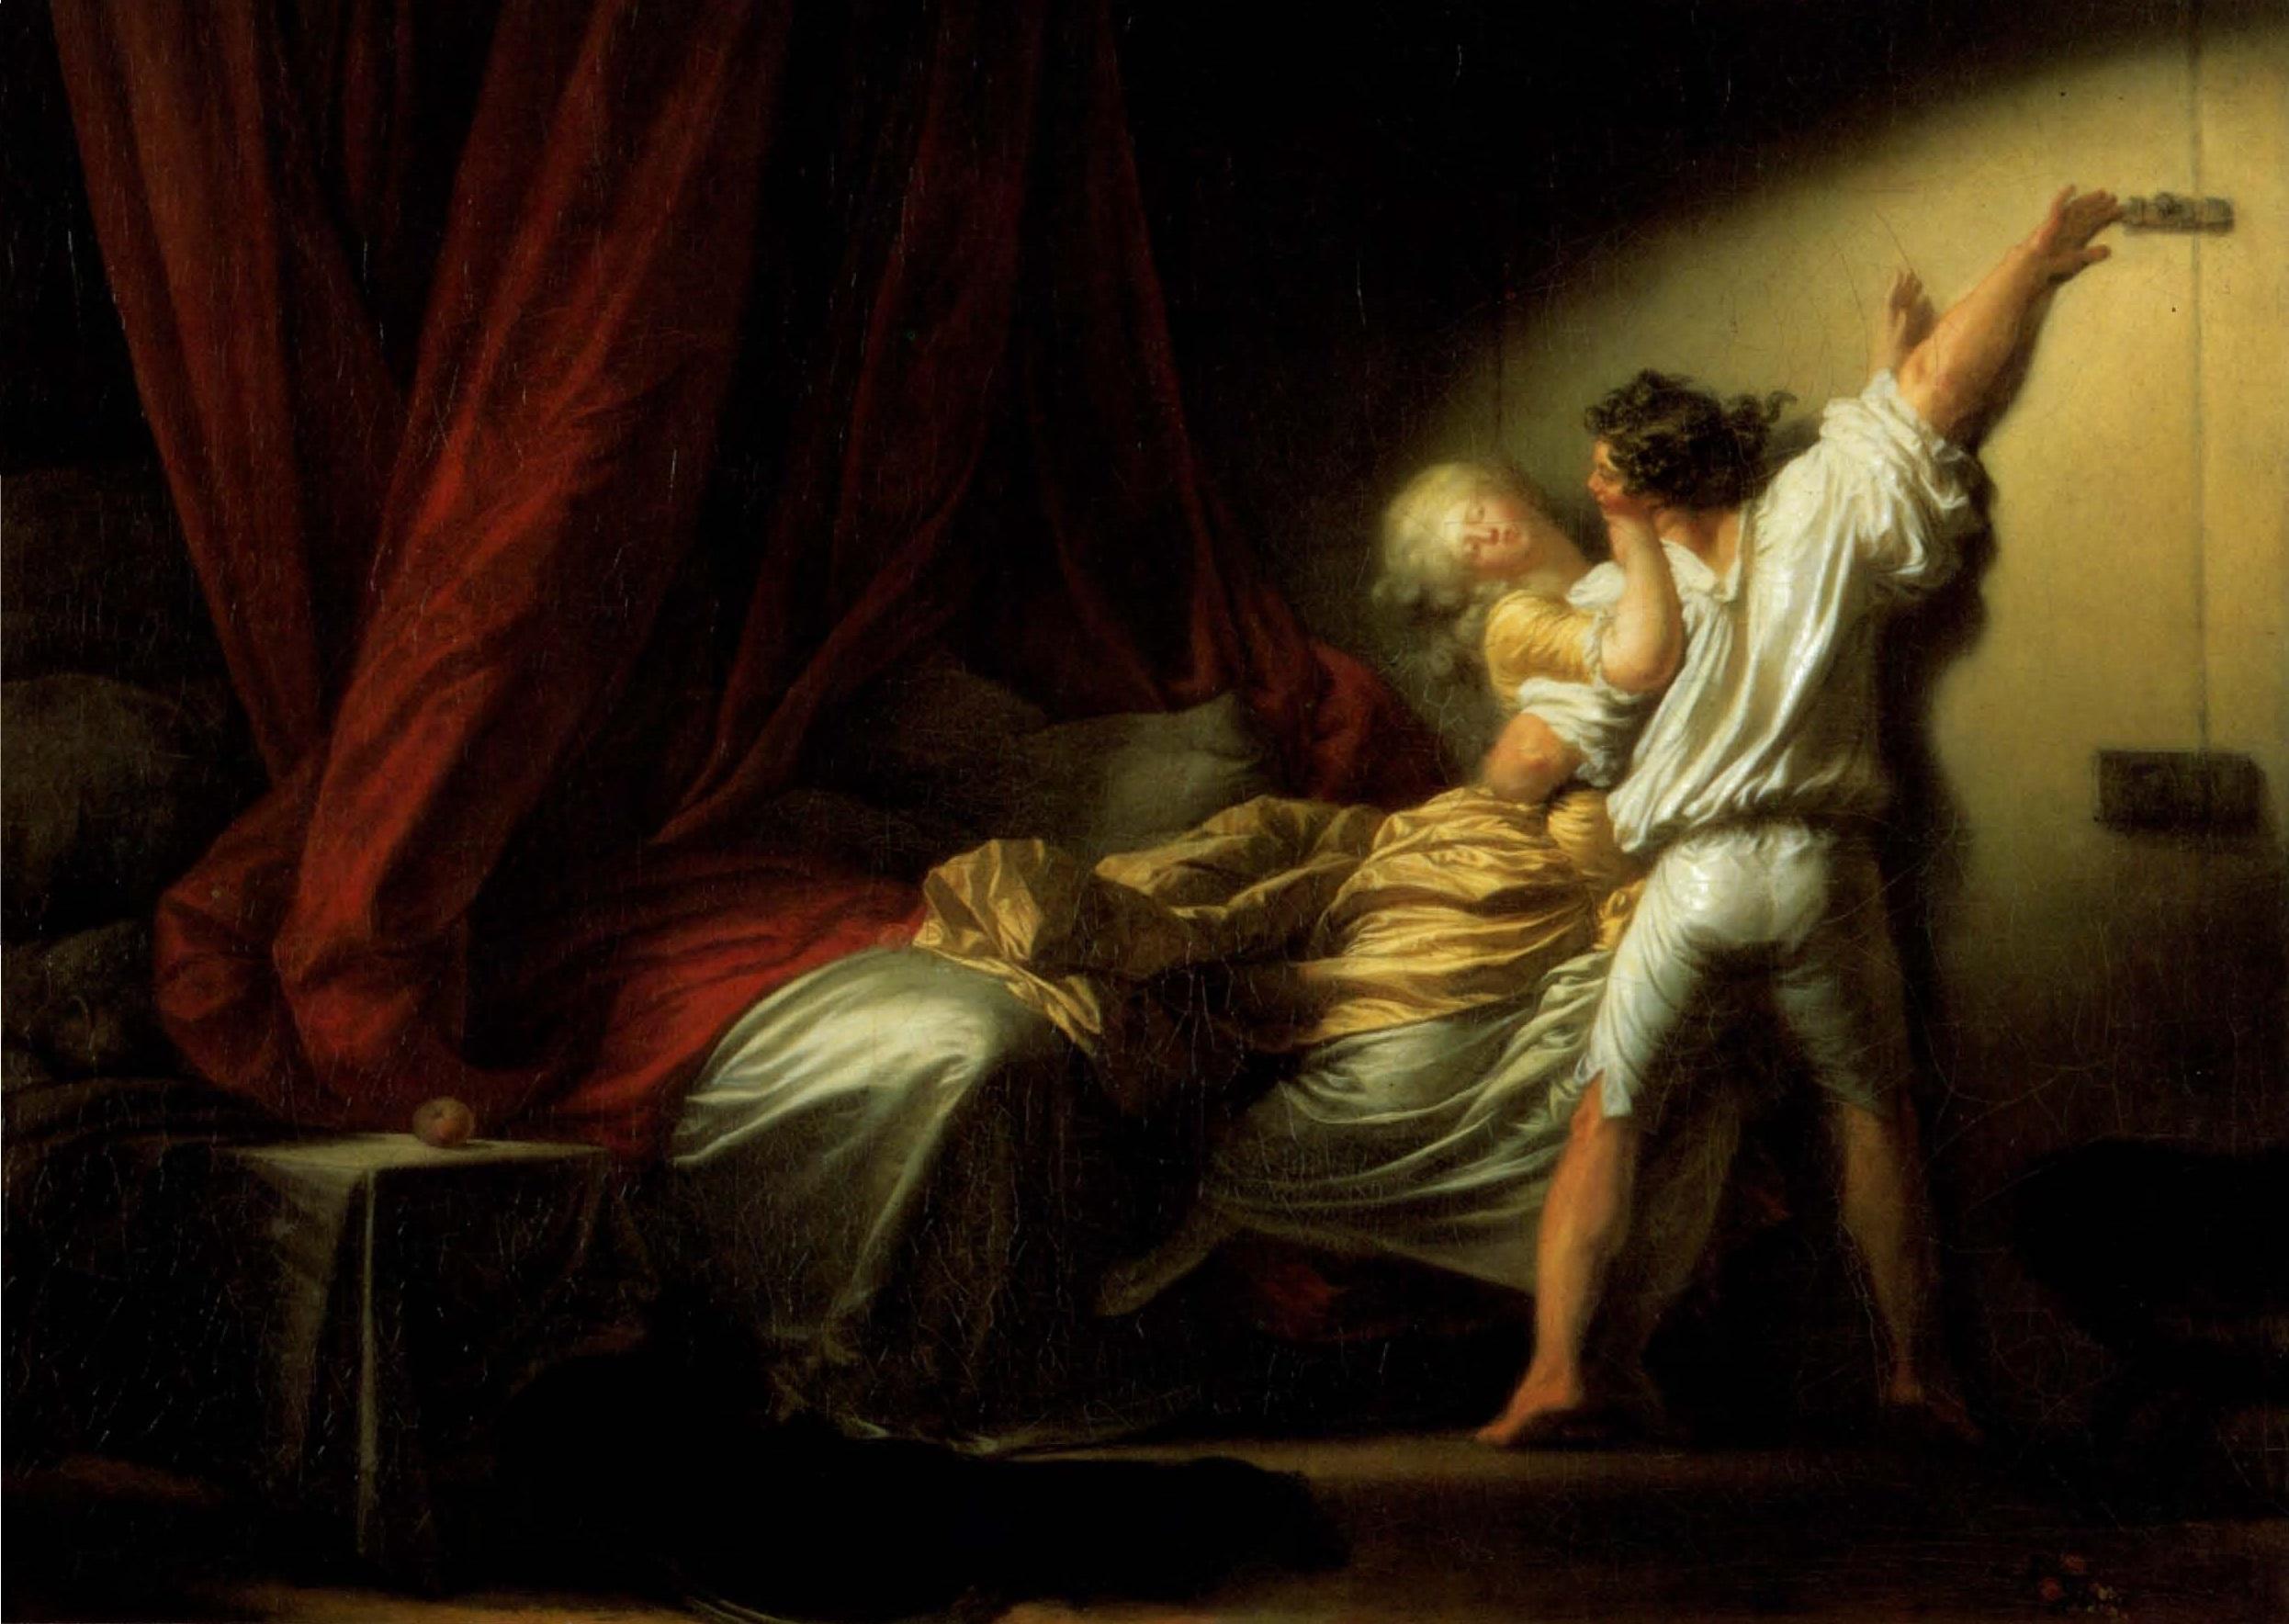 fragonard - verrou